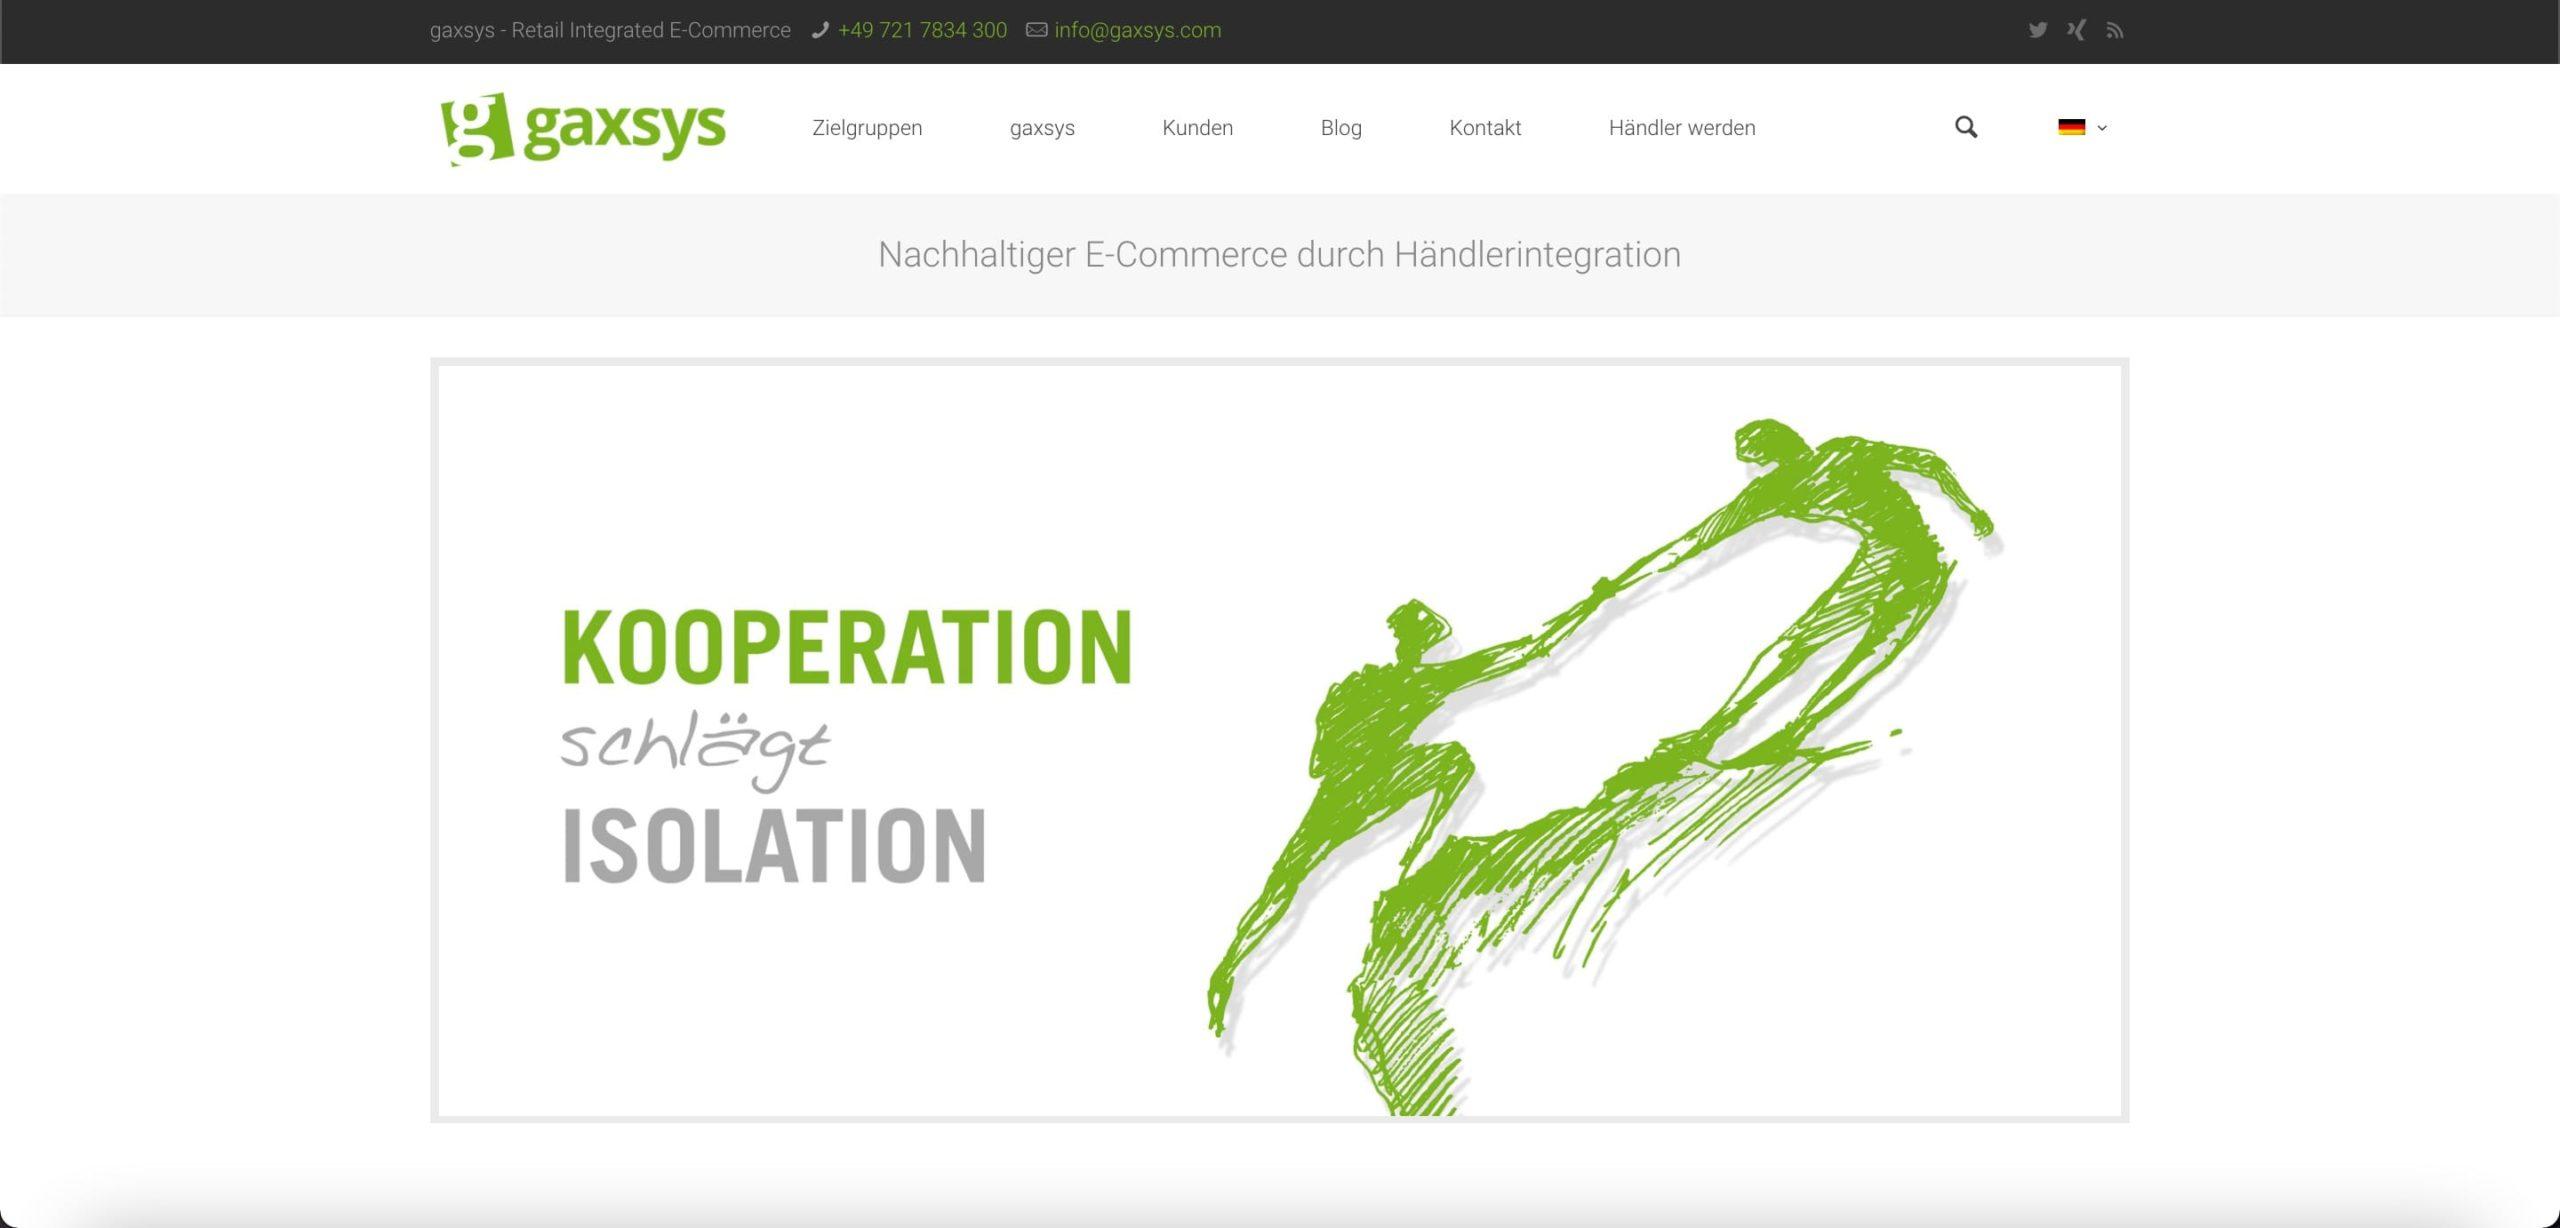 7-erfolgreiche-SaaS-Startups-Gaxsys